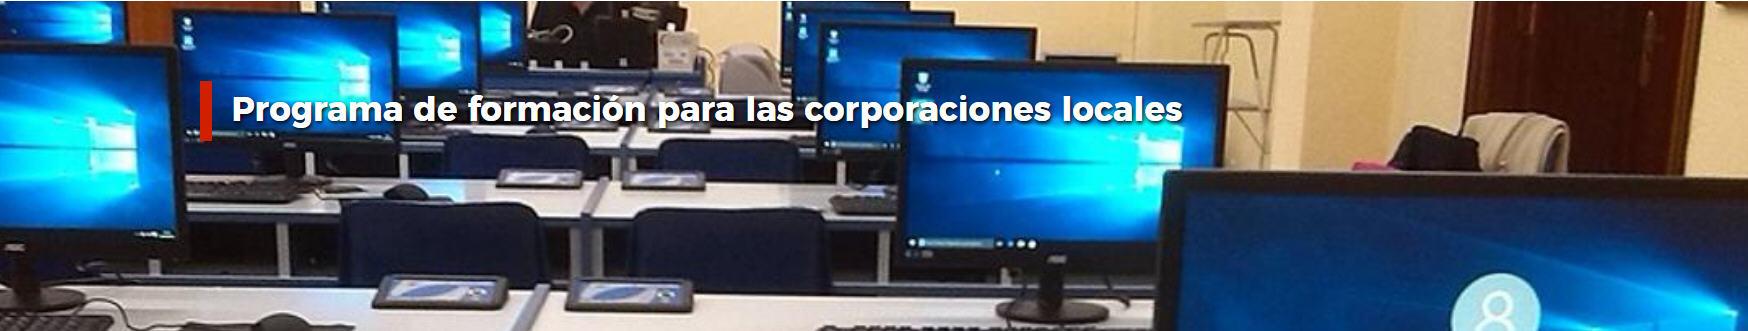 Formación corporaciones locales Comunidad MAdrid